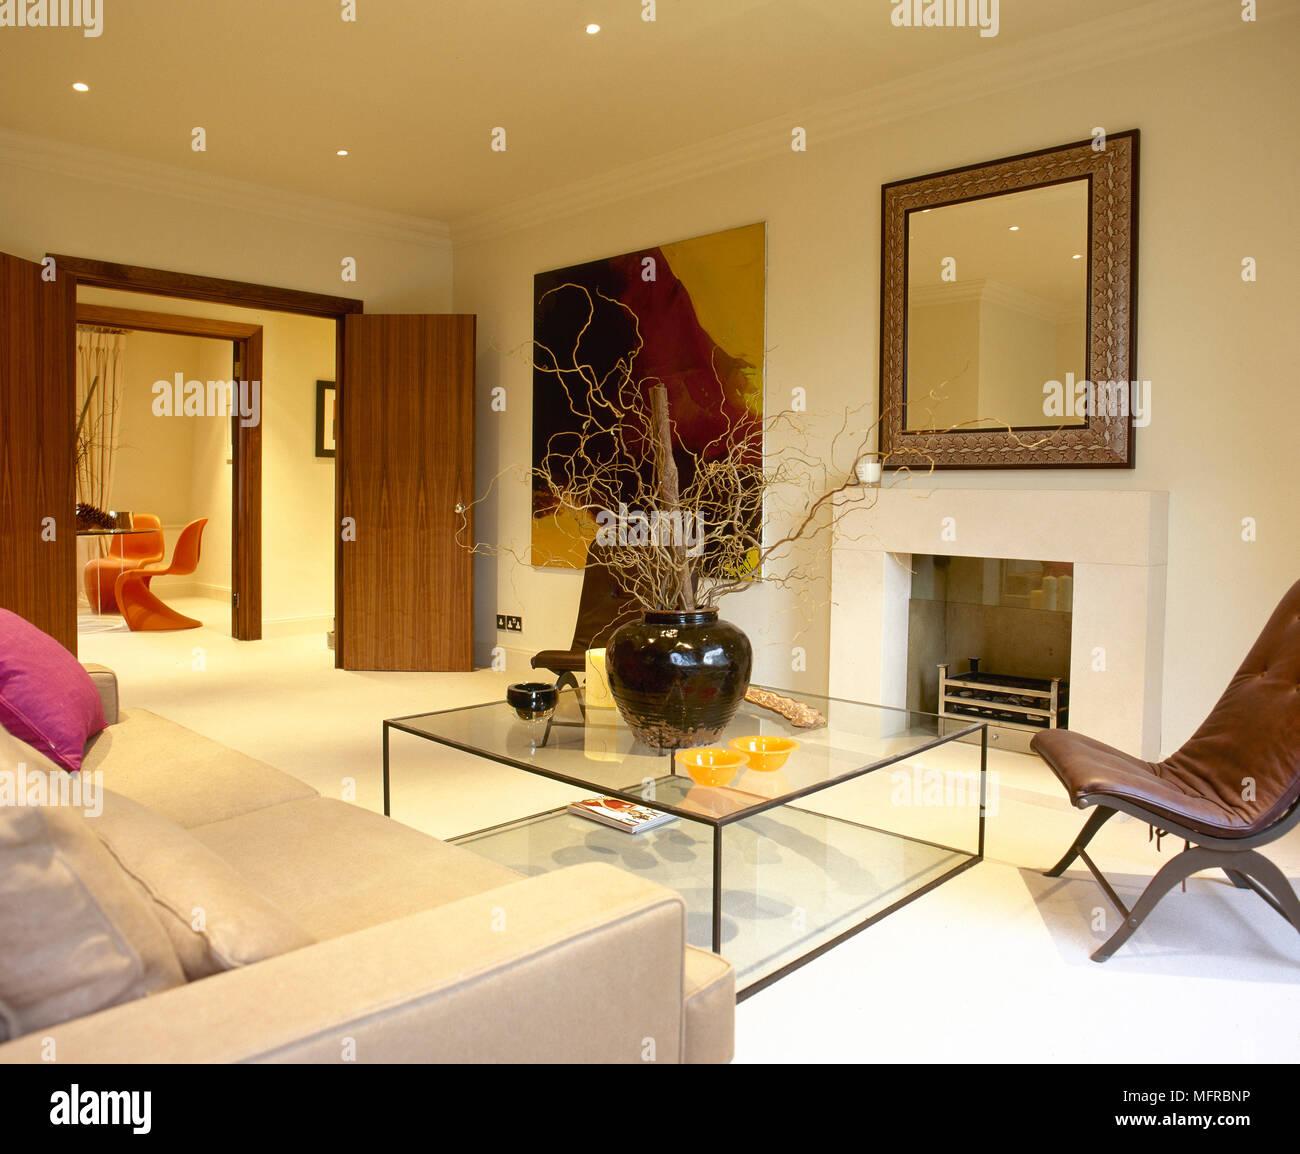 Wohnzimmer Mit Offenen Türen, Sitzecke Mit Glas, Couchtisch Und Einem  Großen Spiegel über Dem Kamin.